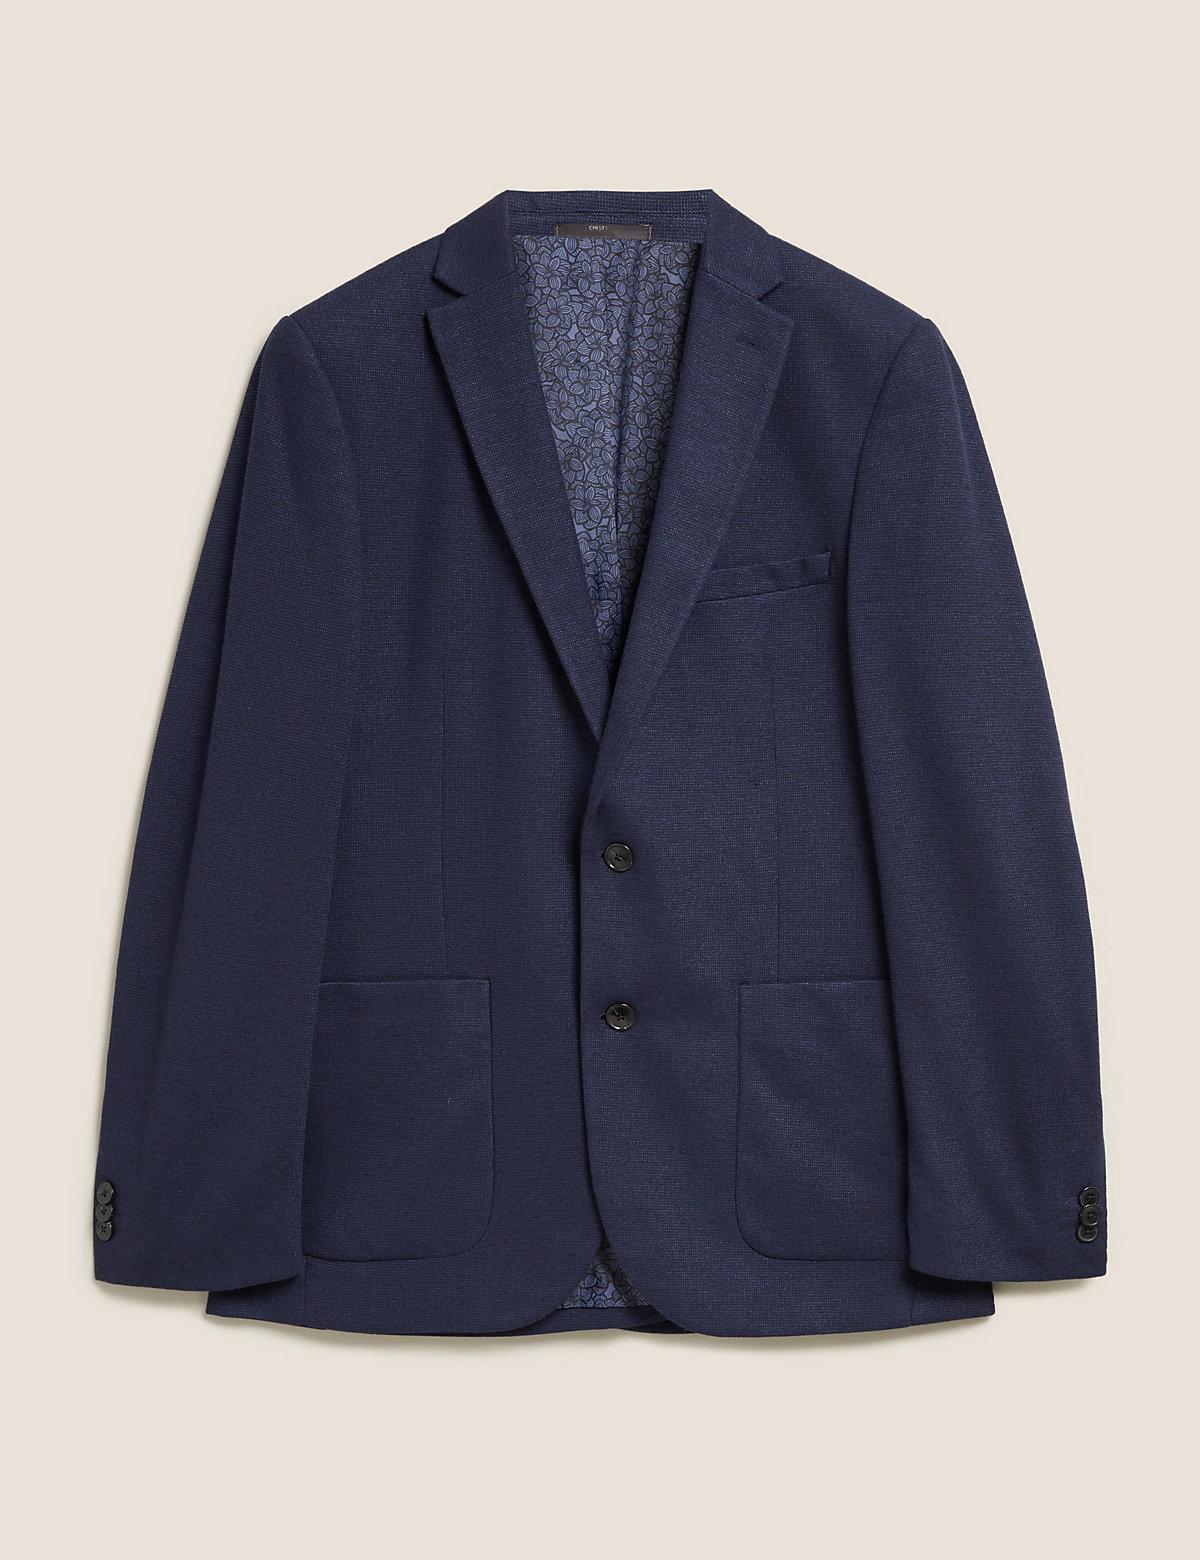 Узкий текстурированный пиджак с добавлением эластана